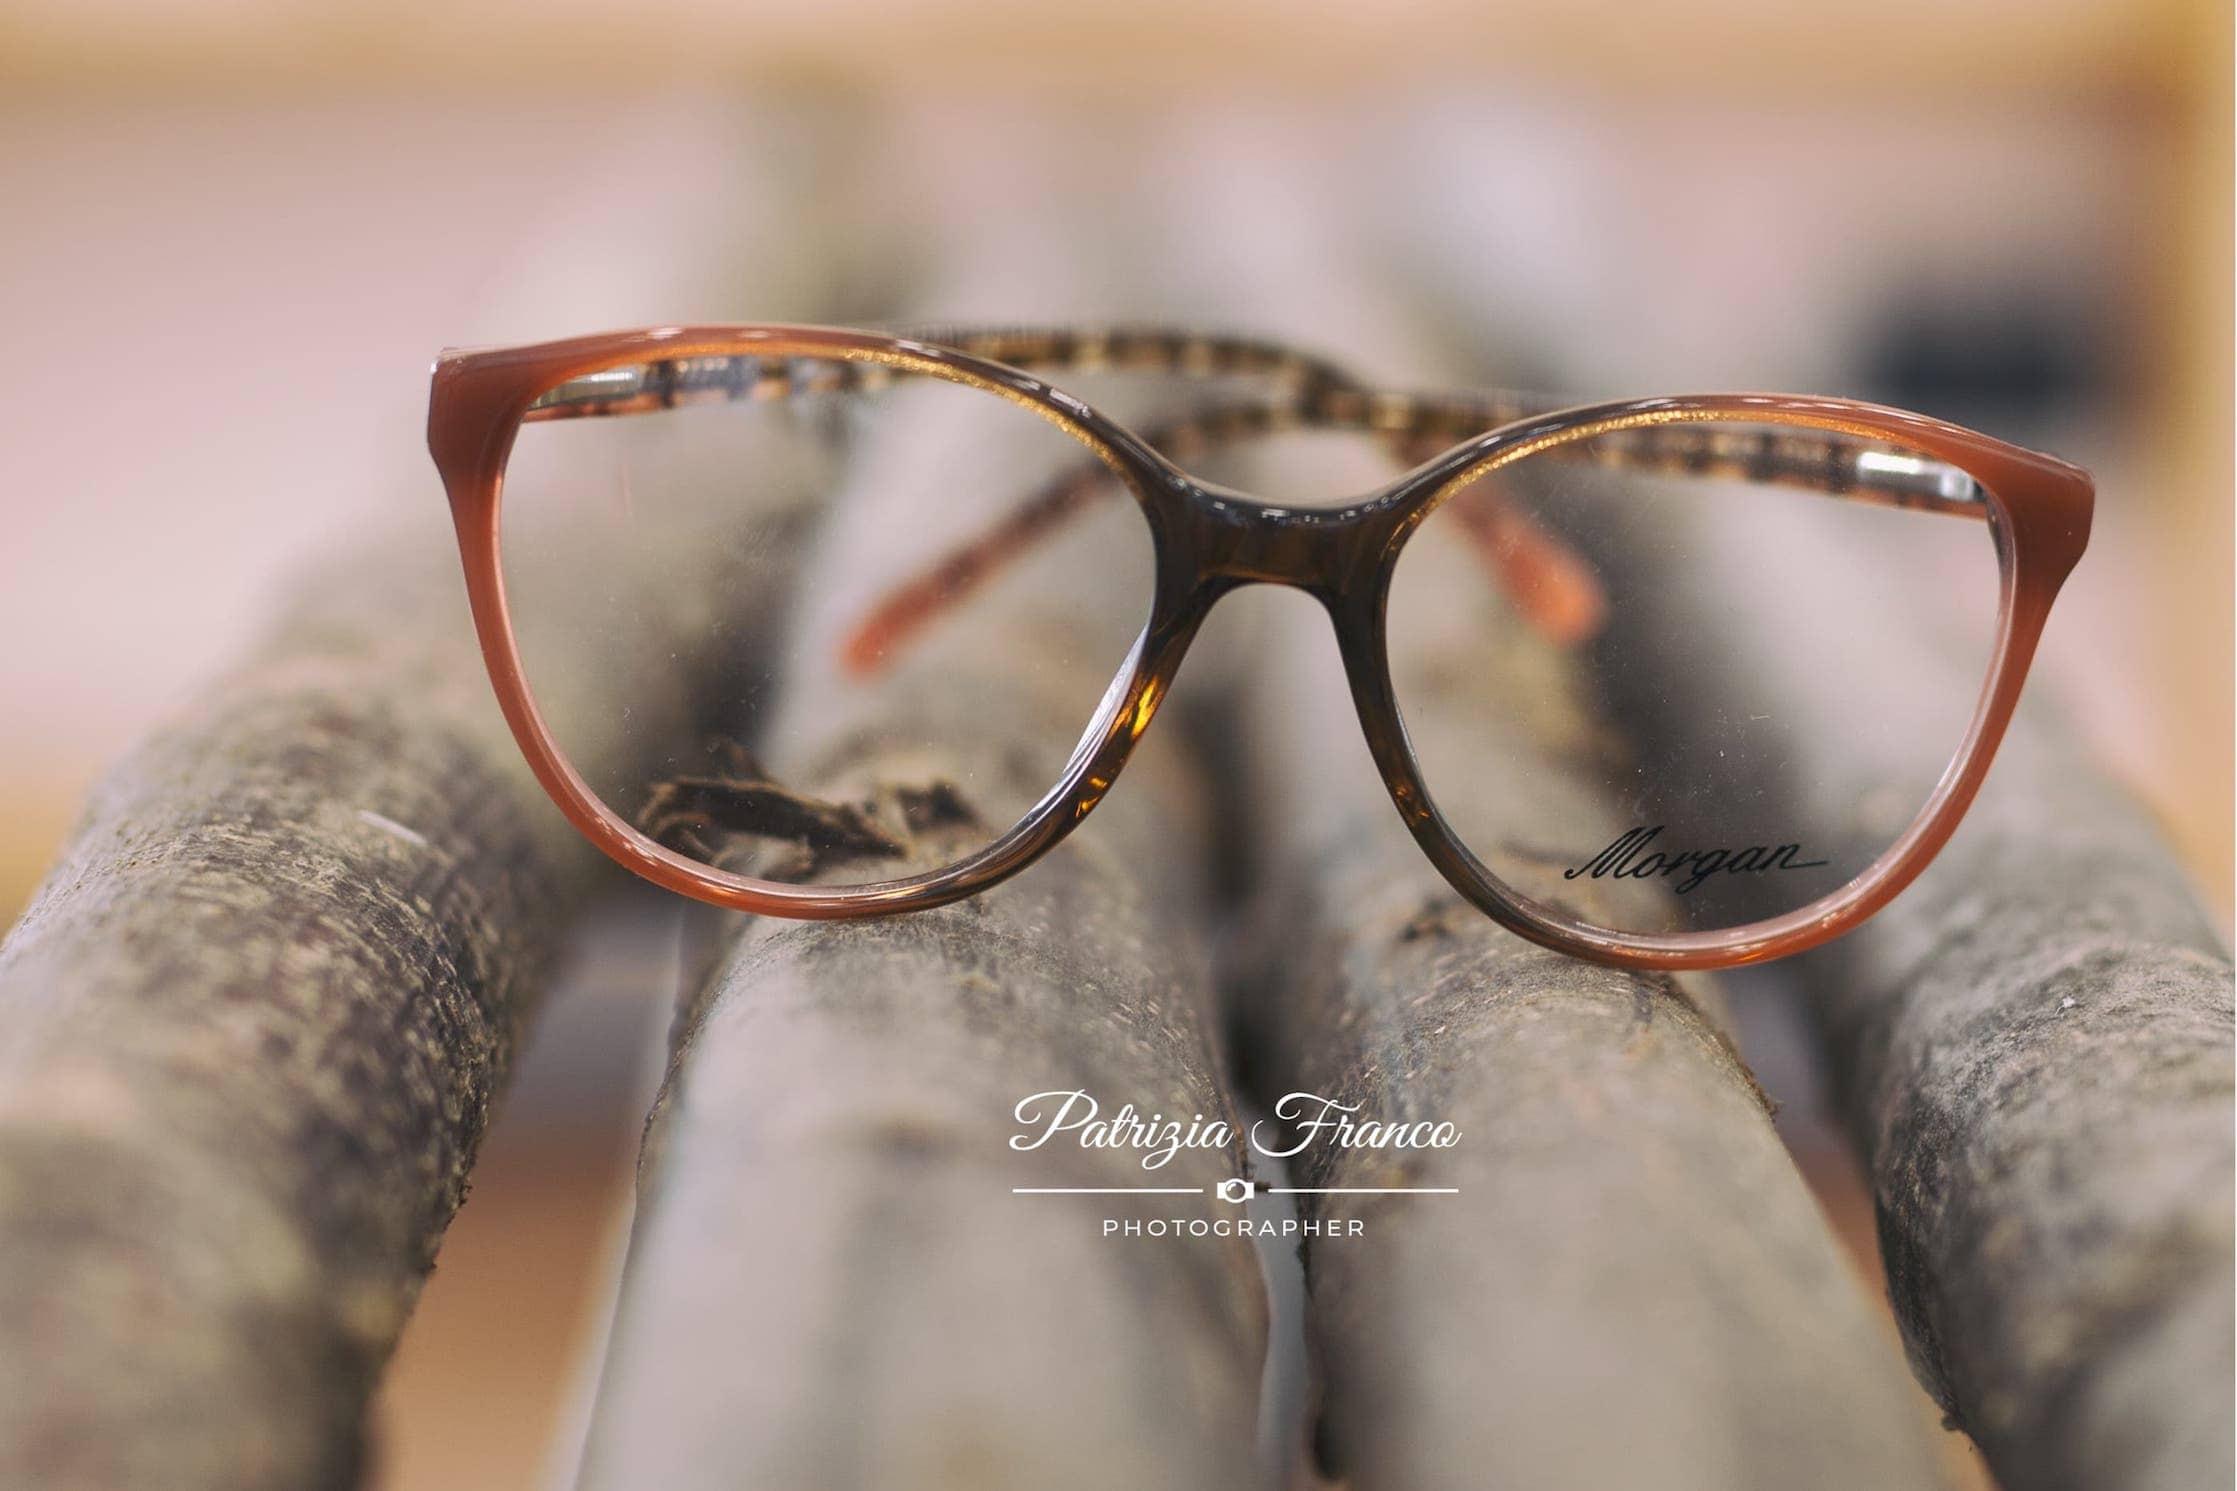 patrizia-franco-fotografo-occhiali-1